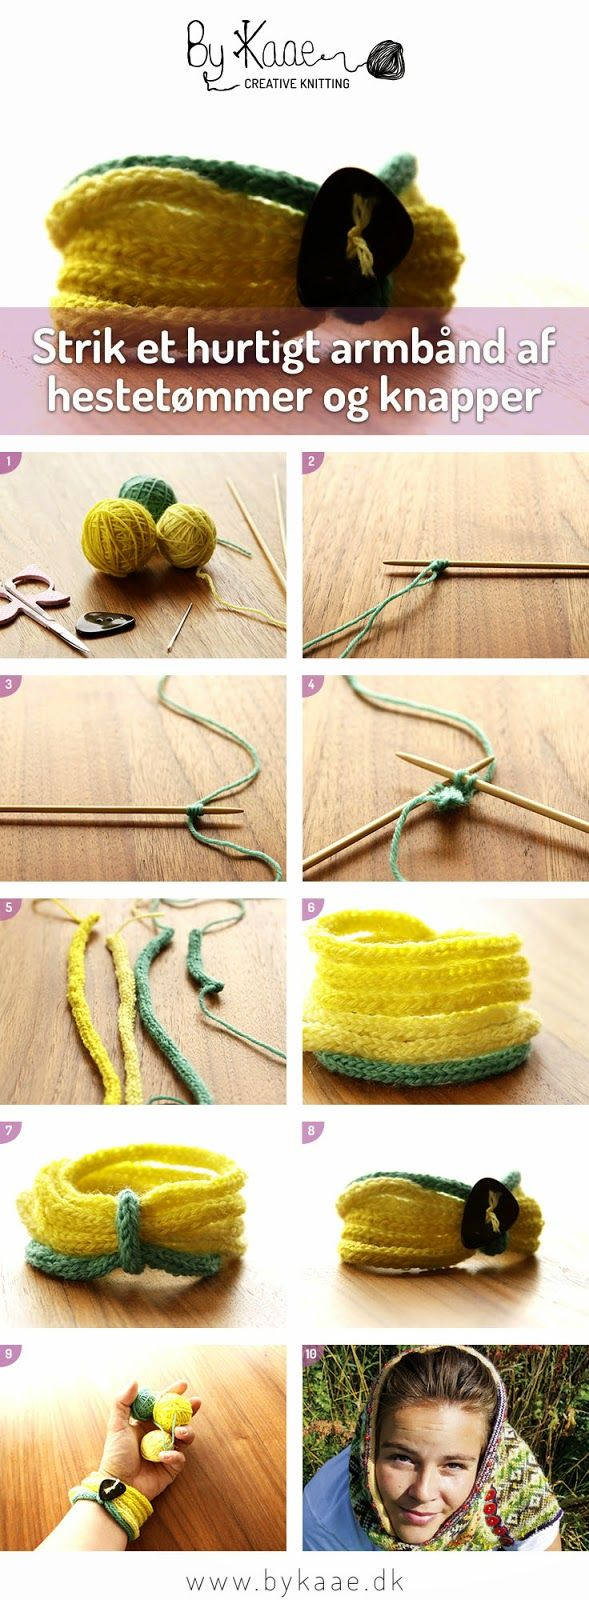 DIY, strik et hurtigt armbånd af hestetømmer og knapper, læs vejledningen på, www.bykaae.dk